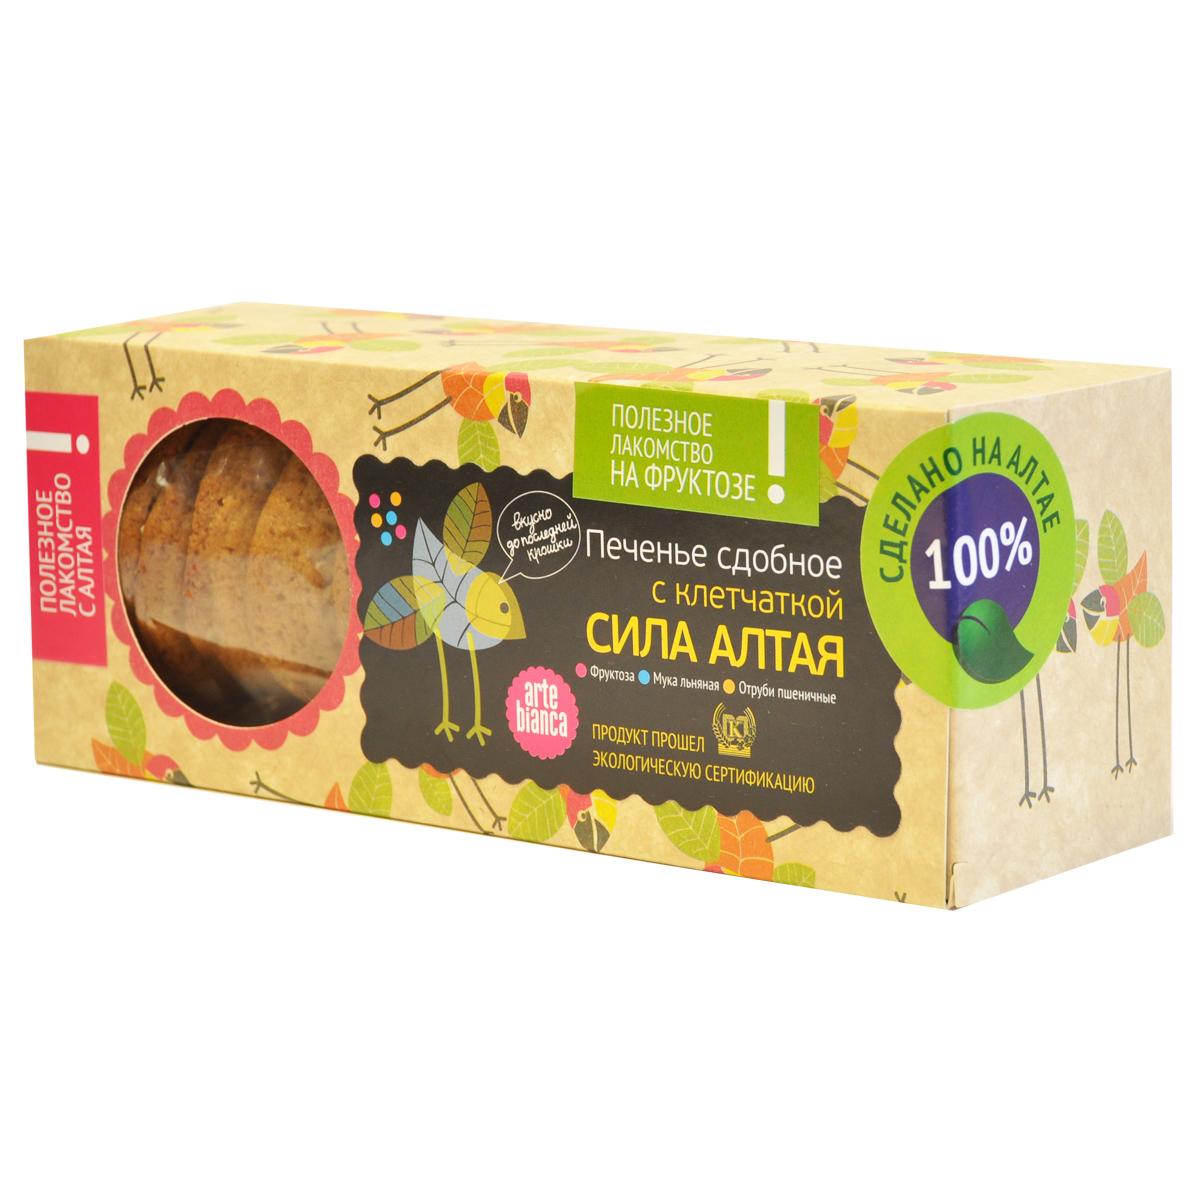 Печенье на фруктозе Сила Алтая с клетчаткой Arte Bianca 220 г